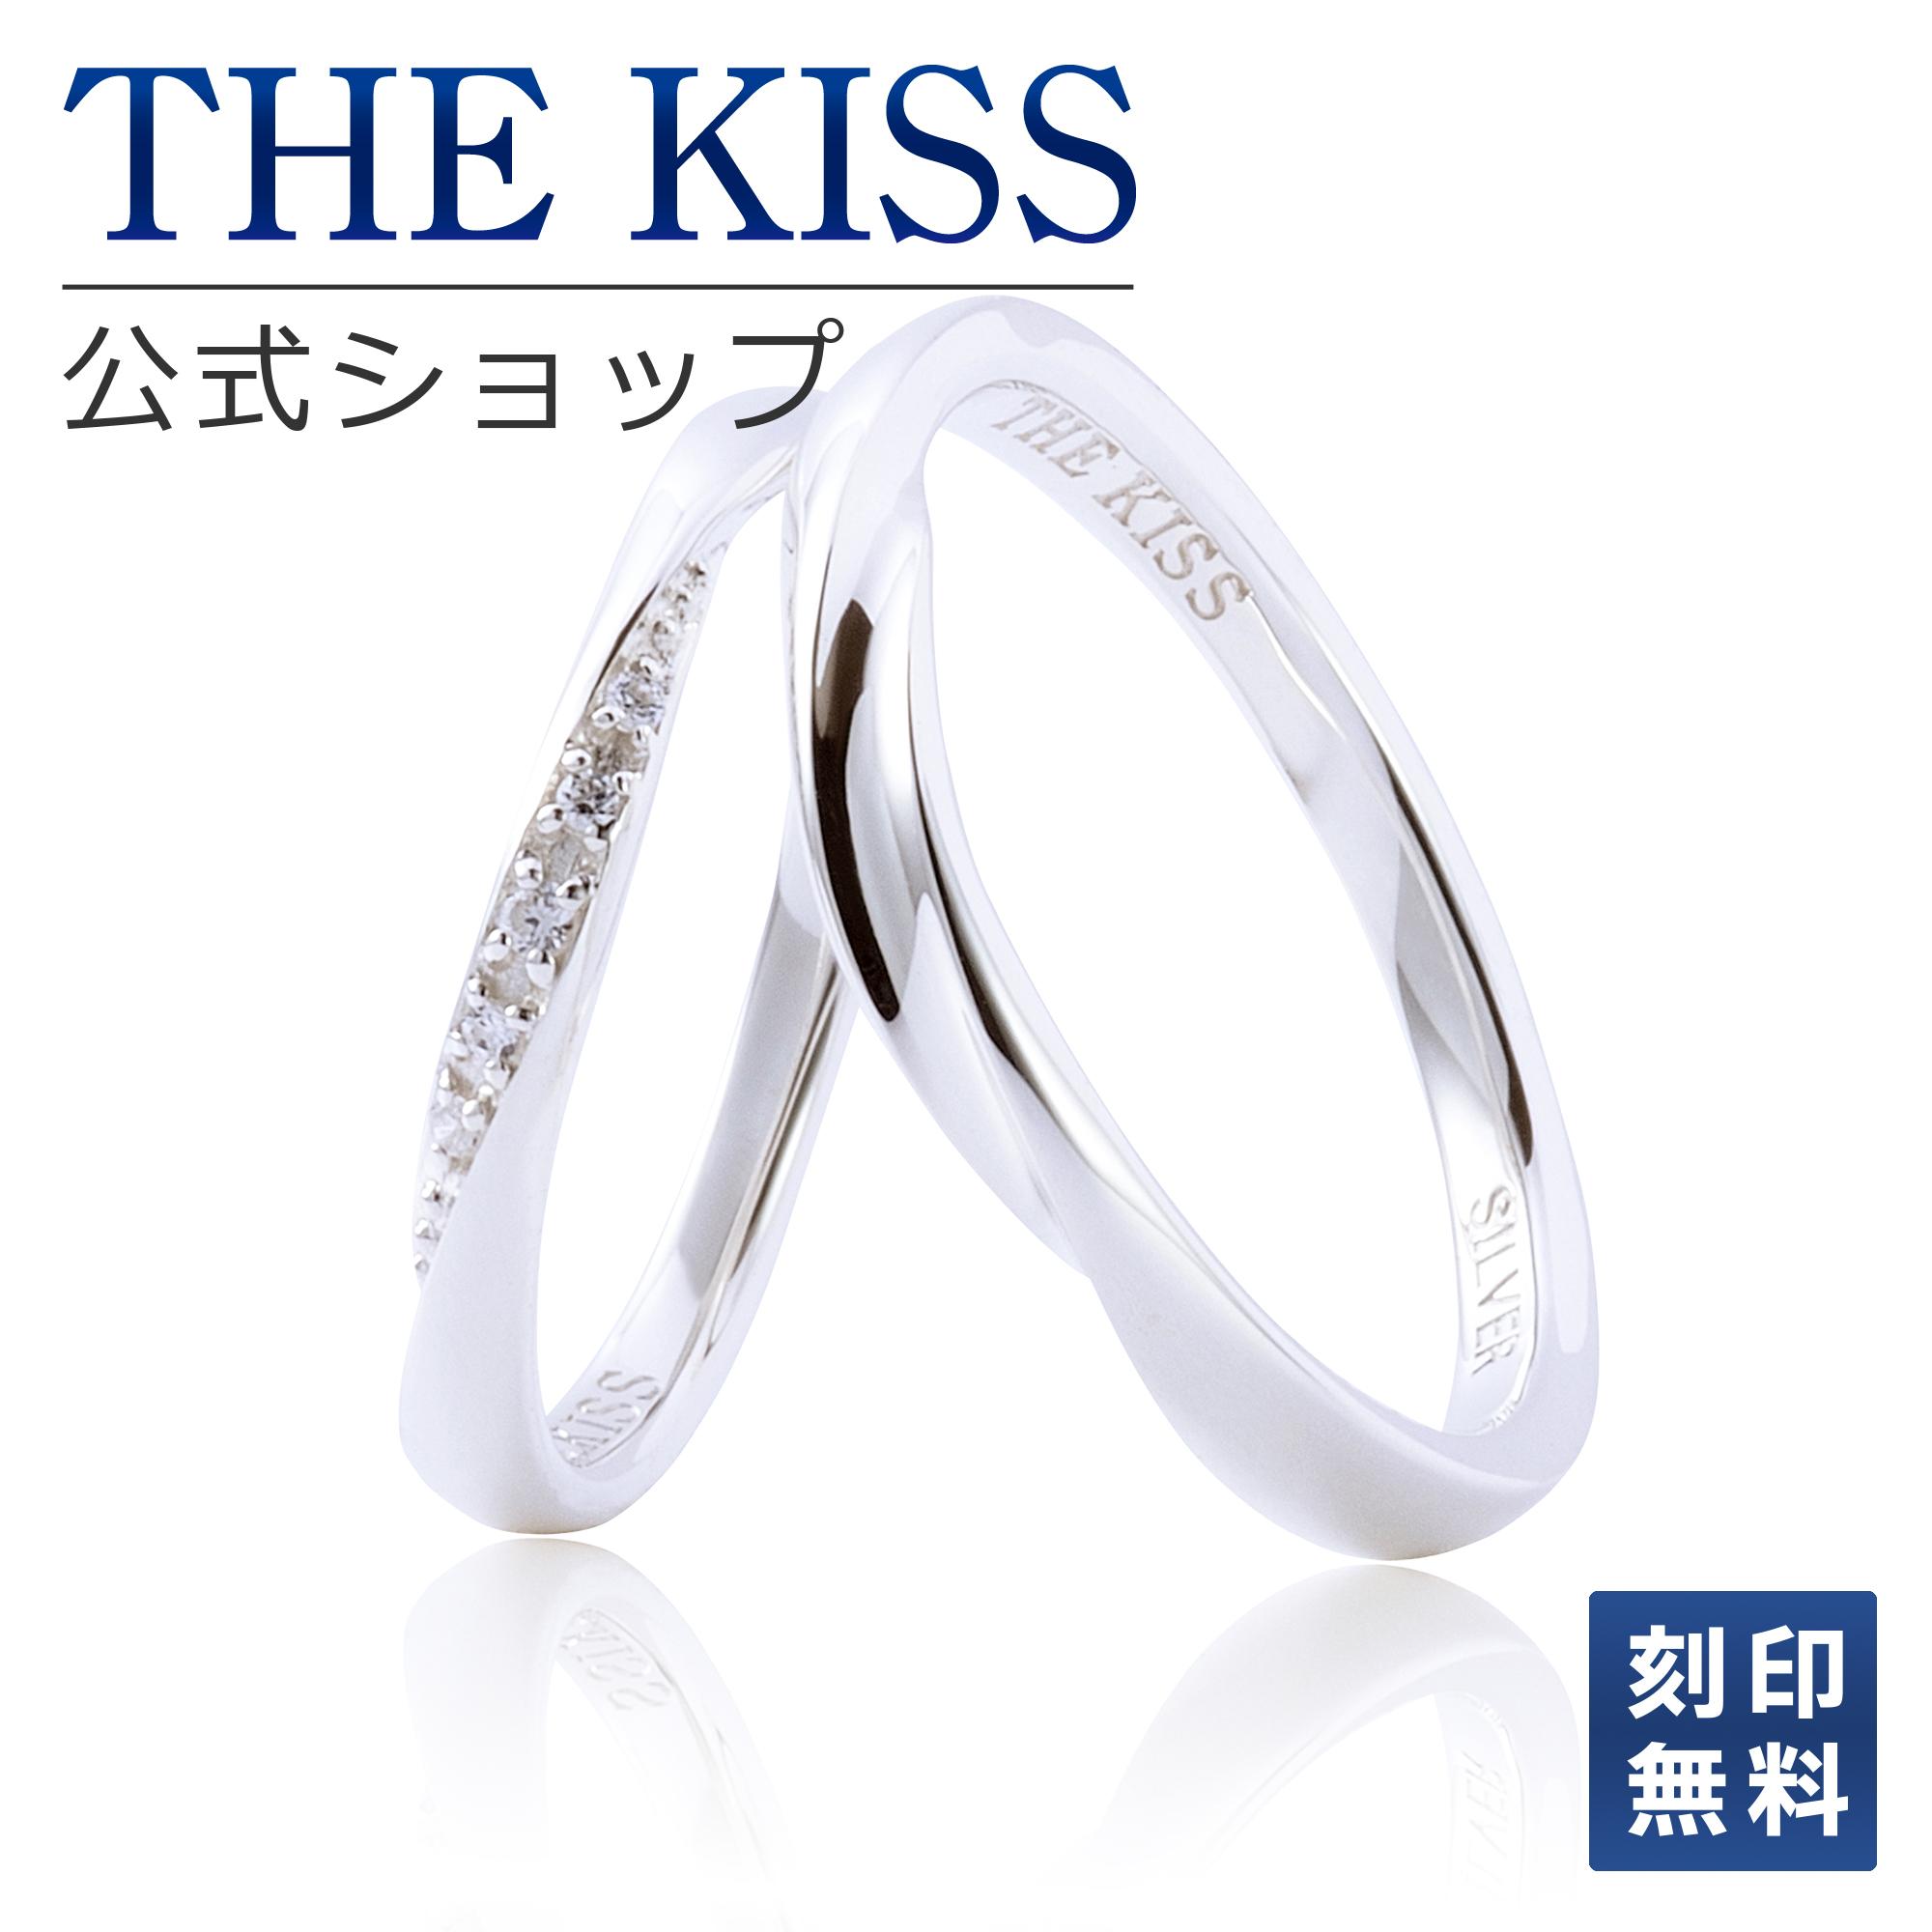 【刻印可_3文字】【あす楽対応】THE KISS 公式サイト マリッジリング 結婚指輪 シルバー ペアリング ペアアクセサリー カップル に 人気 の ジュエリーブランド THEKISS ペア リング・指輪 記念日 プレゼント SR1844CB-1845 セット シンプル ザキス 【送料無料】